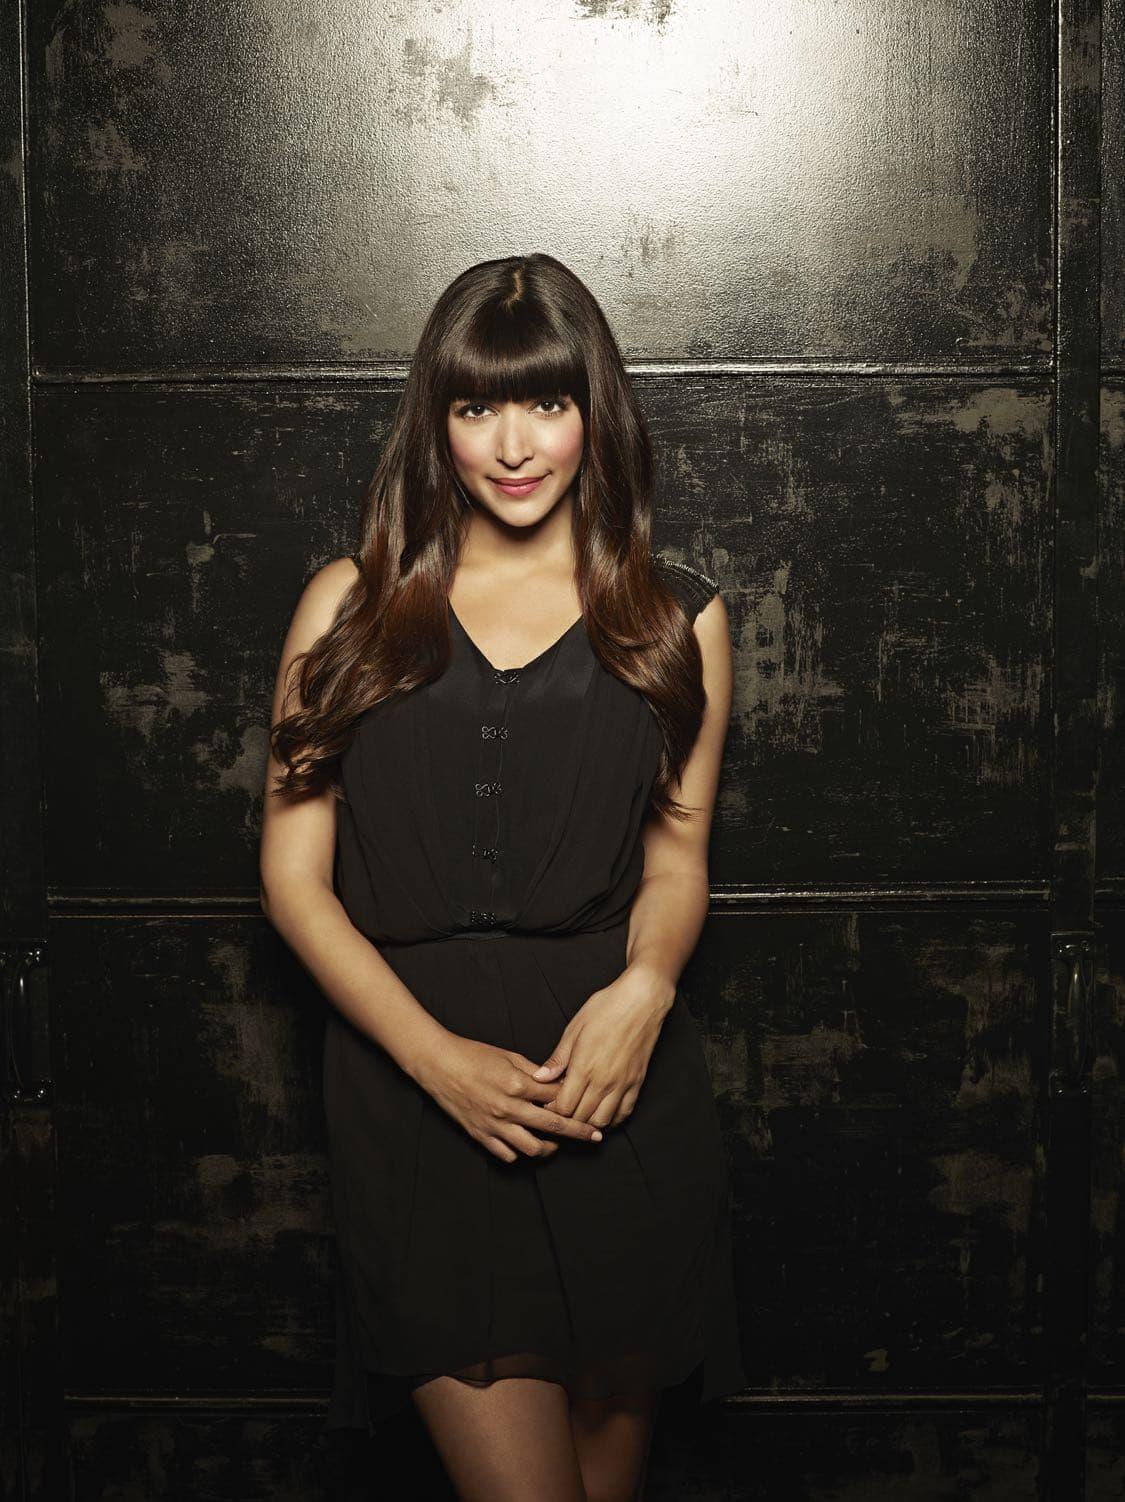 NEW GIRL: Hannah Simone returns as Cece. NEW GIRL premieres Tuesday, Sept. 20 (8:30-9:00 PM ET/PT) on FOX.